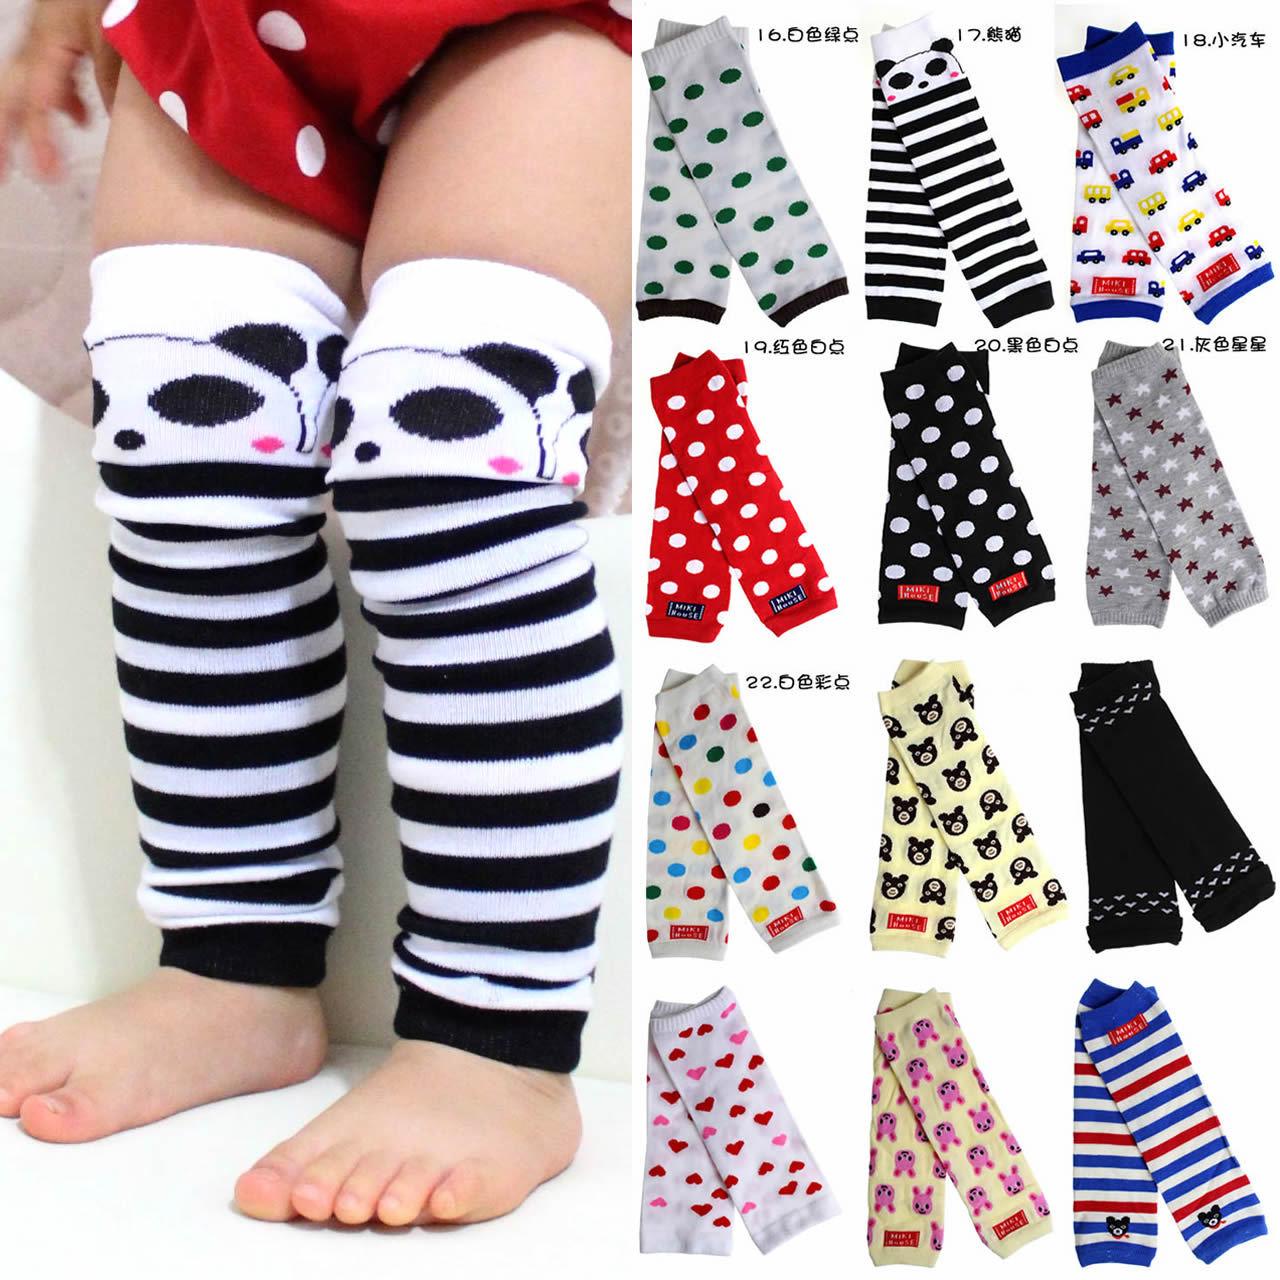 特价外贸尾单儿童潮宝宝腿套袖套爬行垫保暖护袖套1-6岁卡通针织